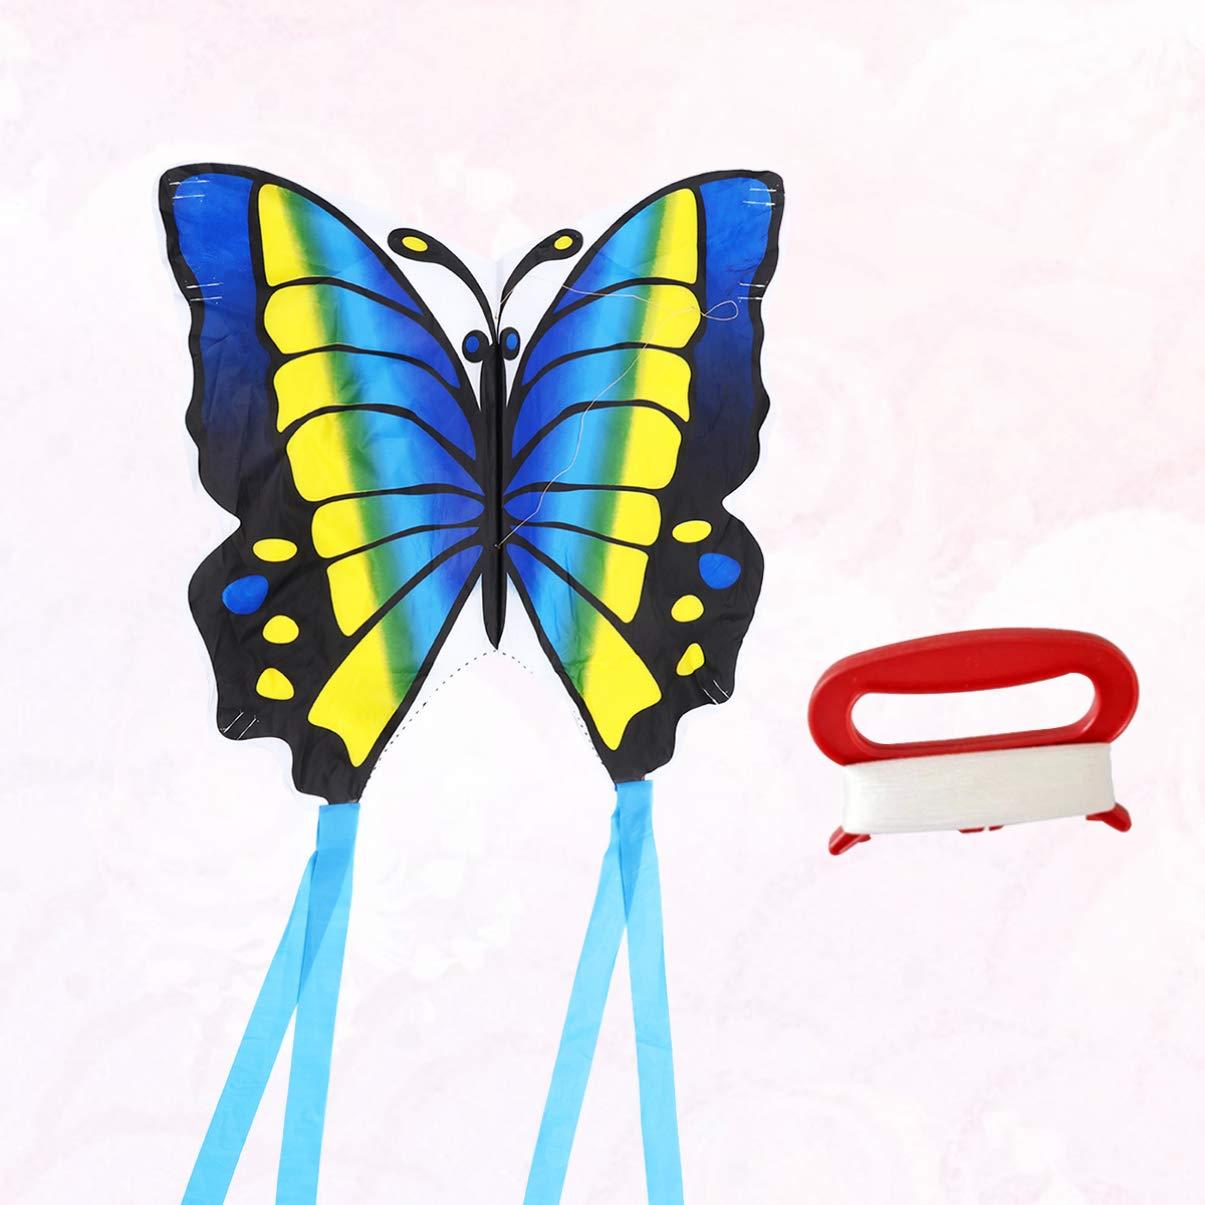 Estilo de Cable de 30 M Azul BESPORTBLE 1 Juego de Dibujos Animados de Mariposa Cometa Al Aire Libre Juguetes Cometa Divertida con Cable para Ni/ños Parque Jard/ín Juegos Suministros